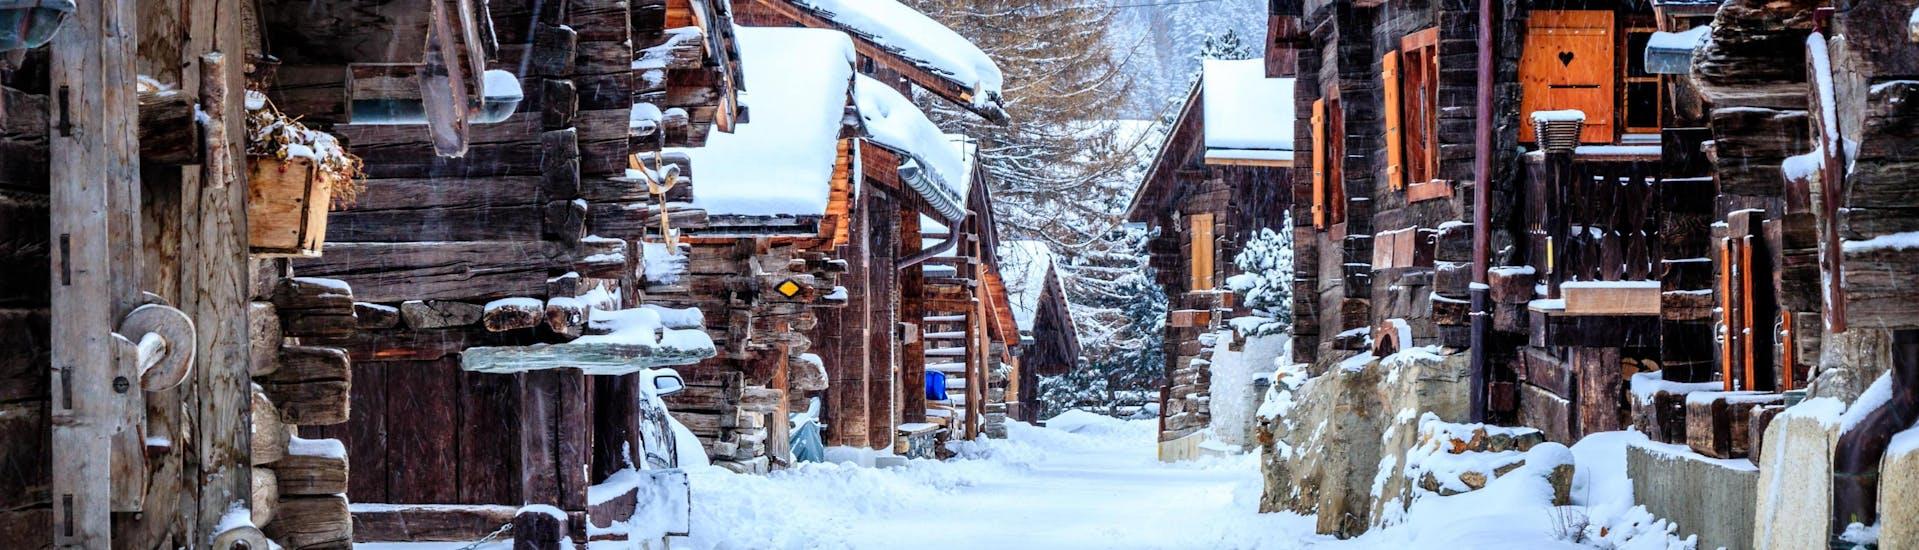 Une image des chalets en bois dans la petite station de ski suisse de Grimnetz-Zinal, une destination populaire pour les skieurs qui veulent réserver un cours de ski avec une des écoles de ski locales.